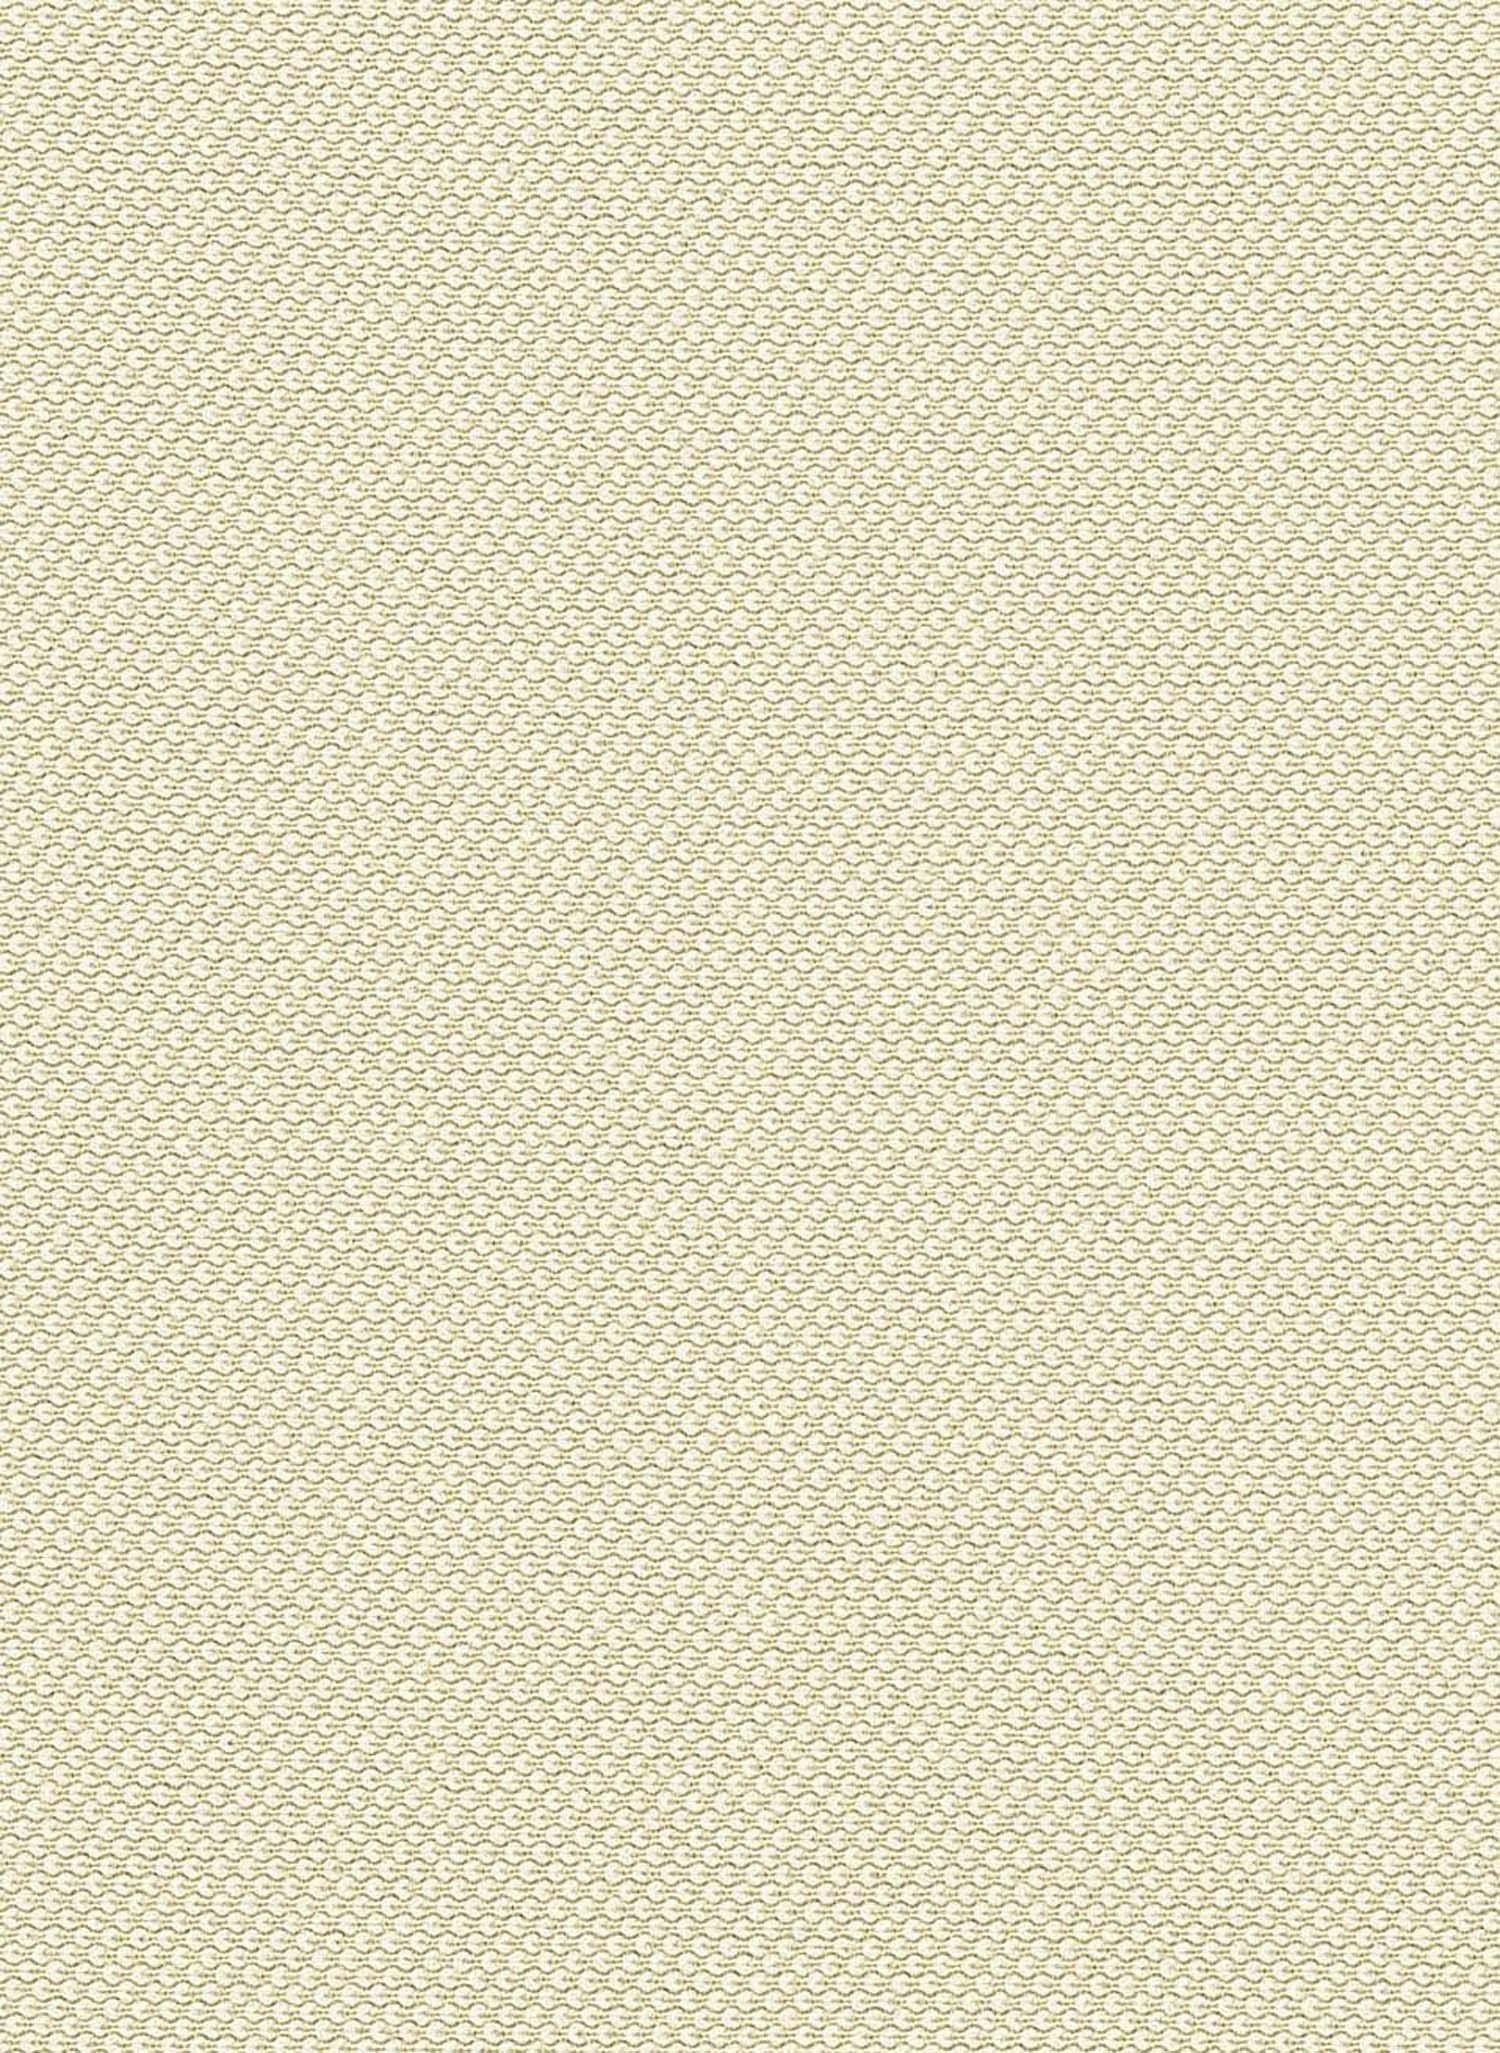 Schonbezug,Fauteuil h'beige - 1 - Ronja.ch